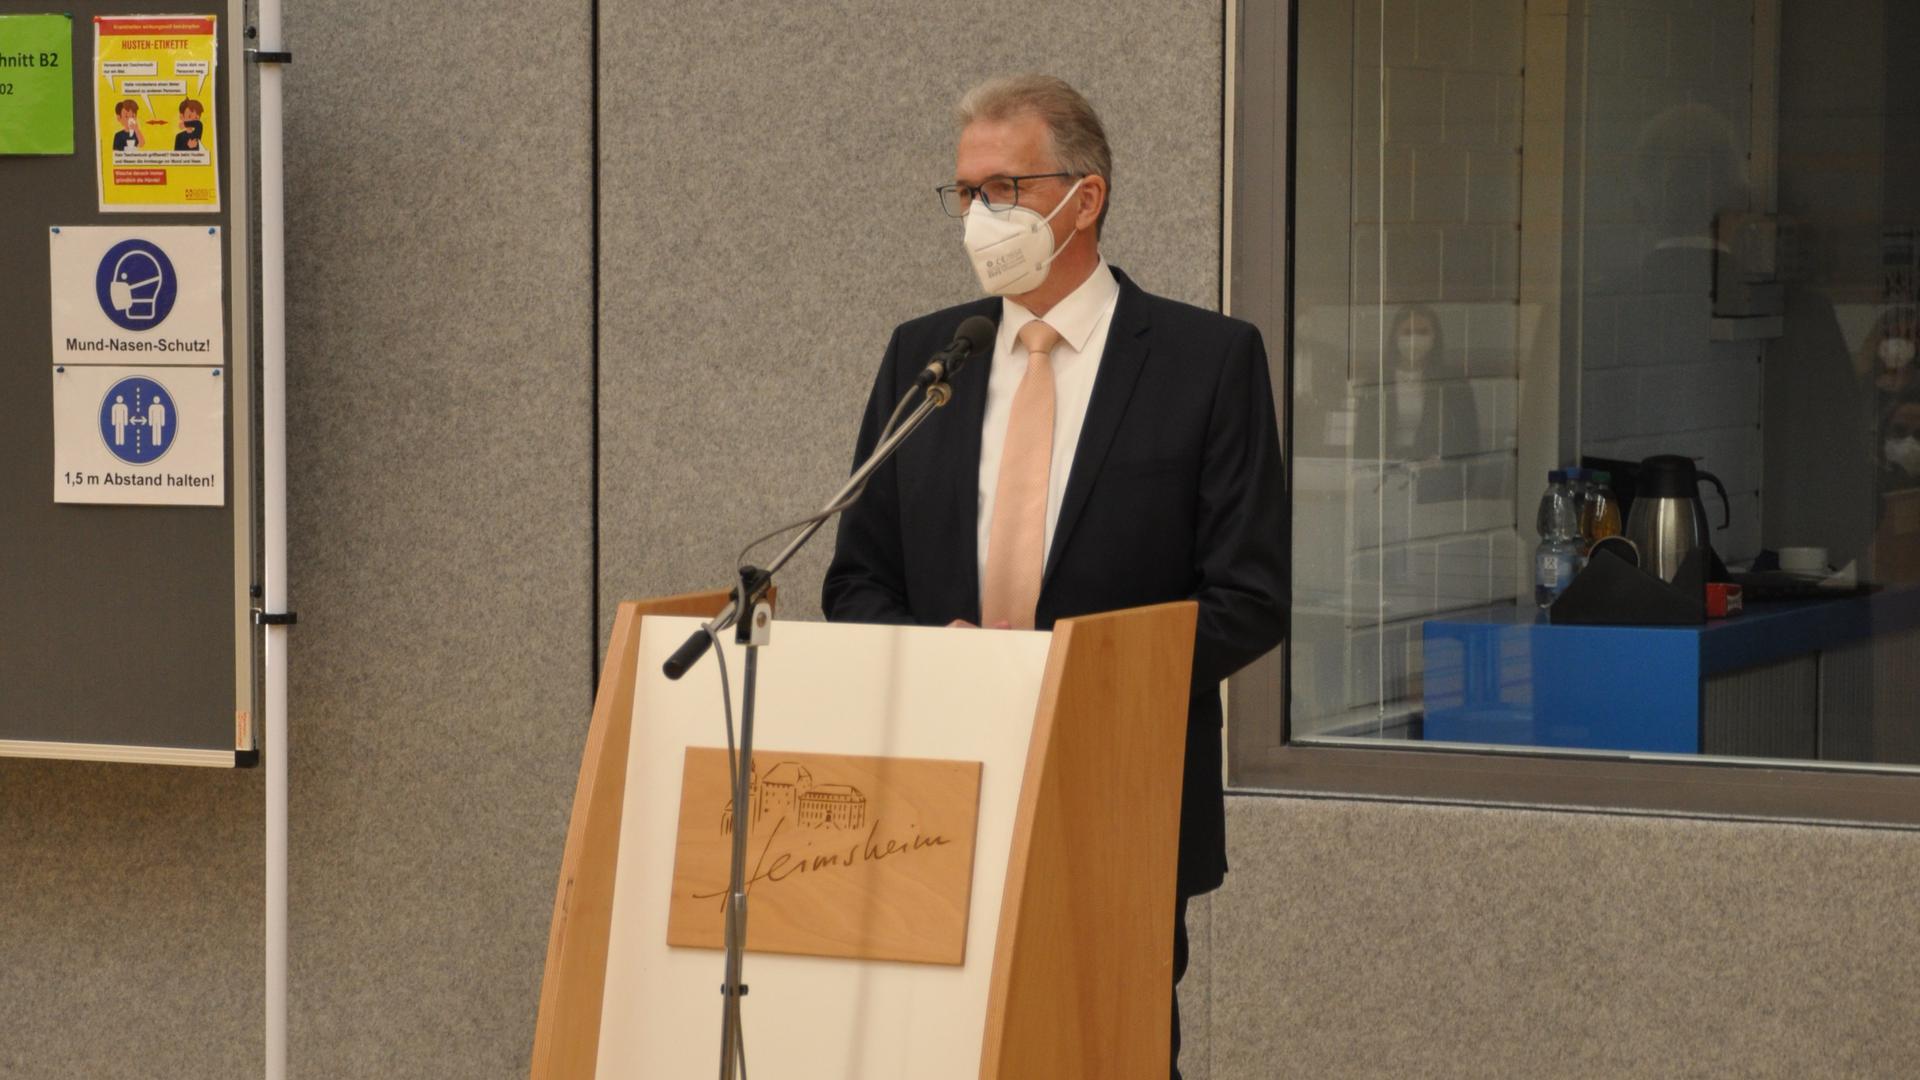 Viele Projekte zu managen: Heimsheims Bürgermeister Jürgen Troll möchte im großen Stil investieren. Der Breitbandausbau und die Klimawende bedeuten große Eingriffe. Darum hatte es im Wahlkampf zuletzt großen Streit gegeben.